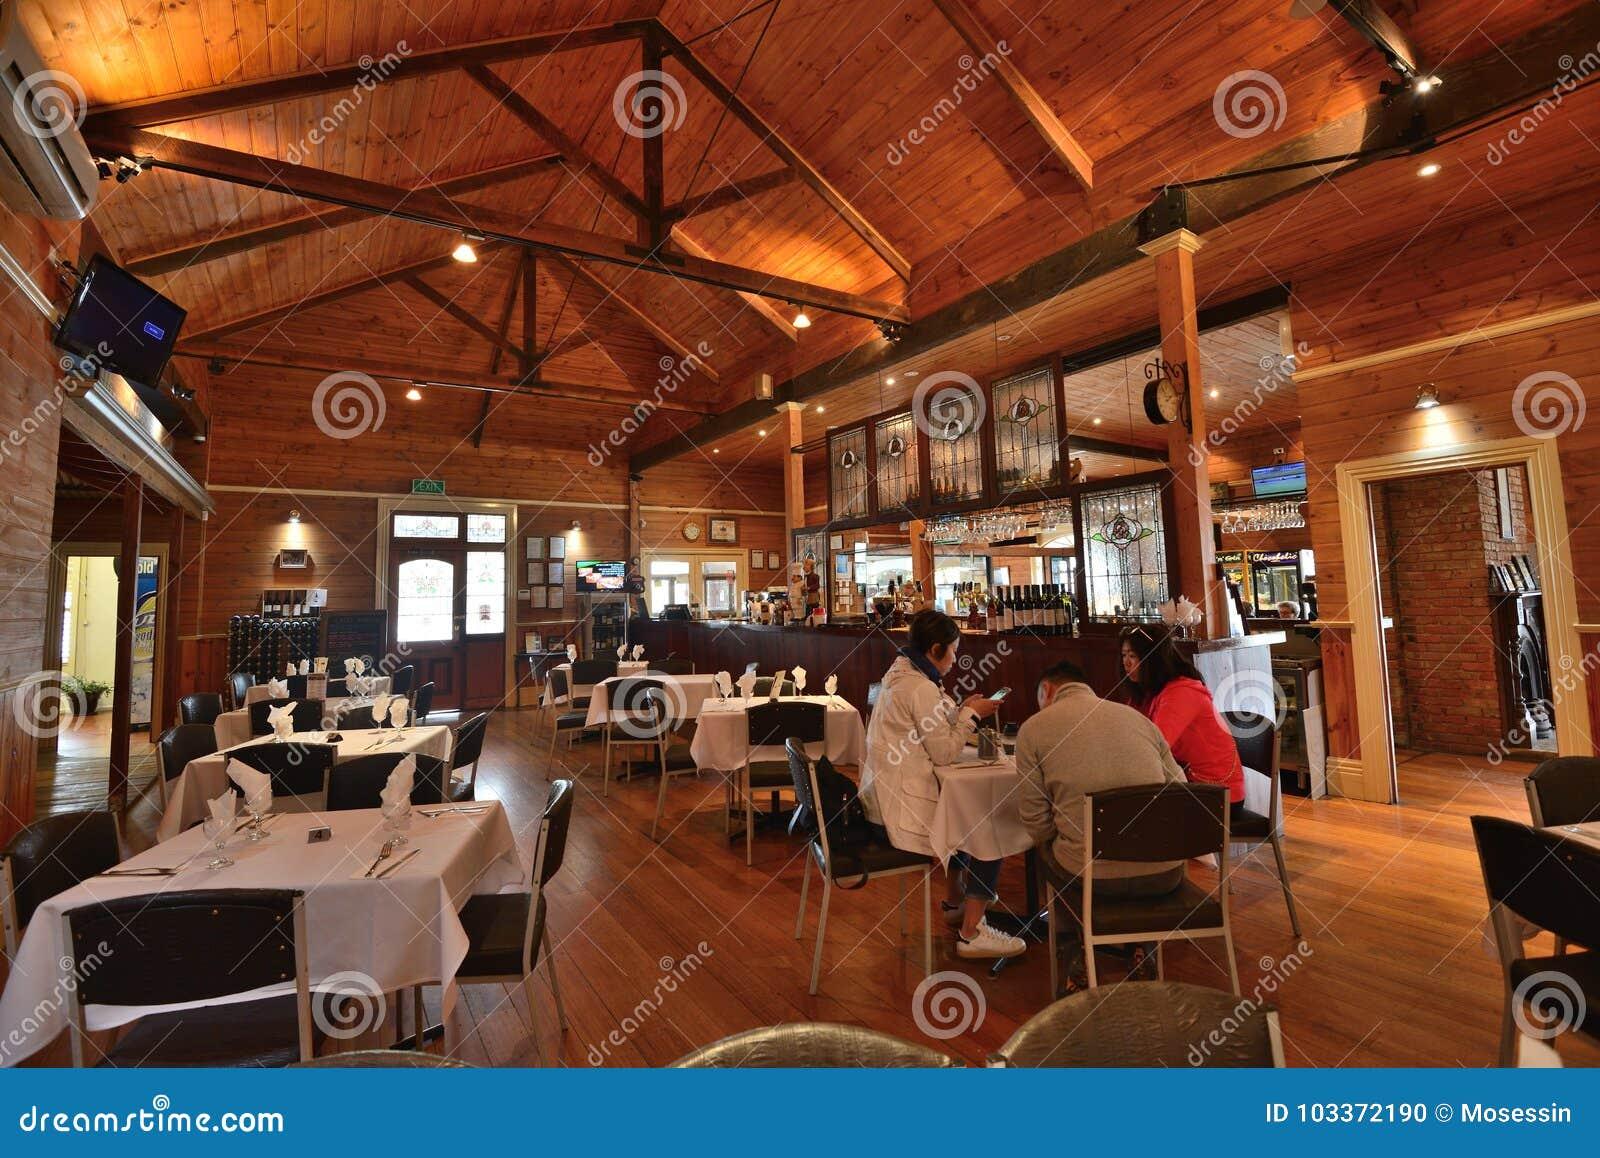 Restaurant Innenarchitektur Redaktionelles Bild   Bild von ...